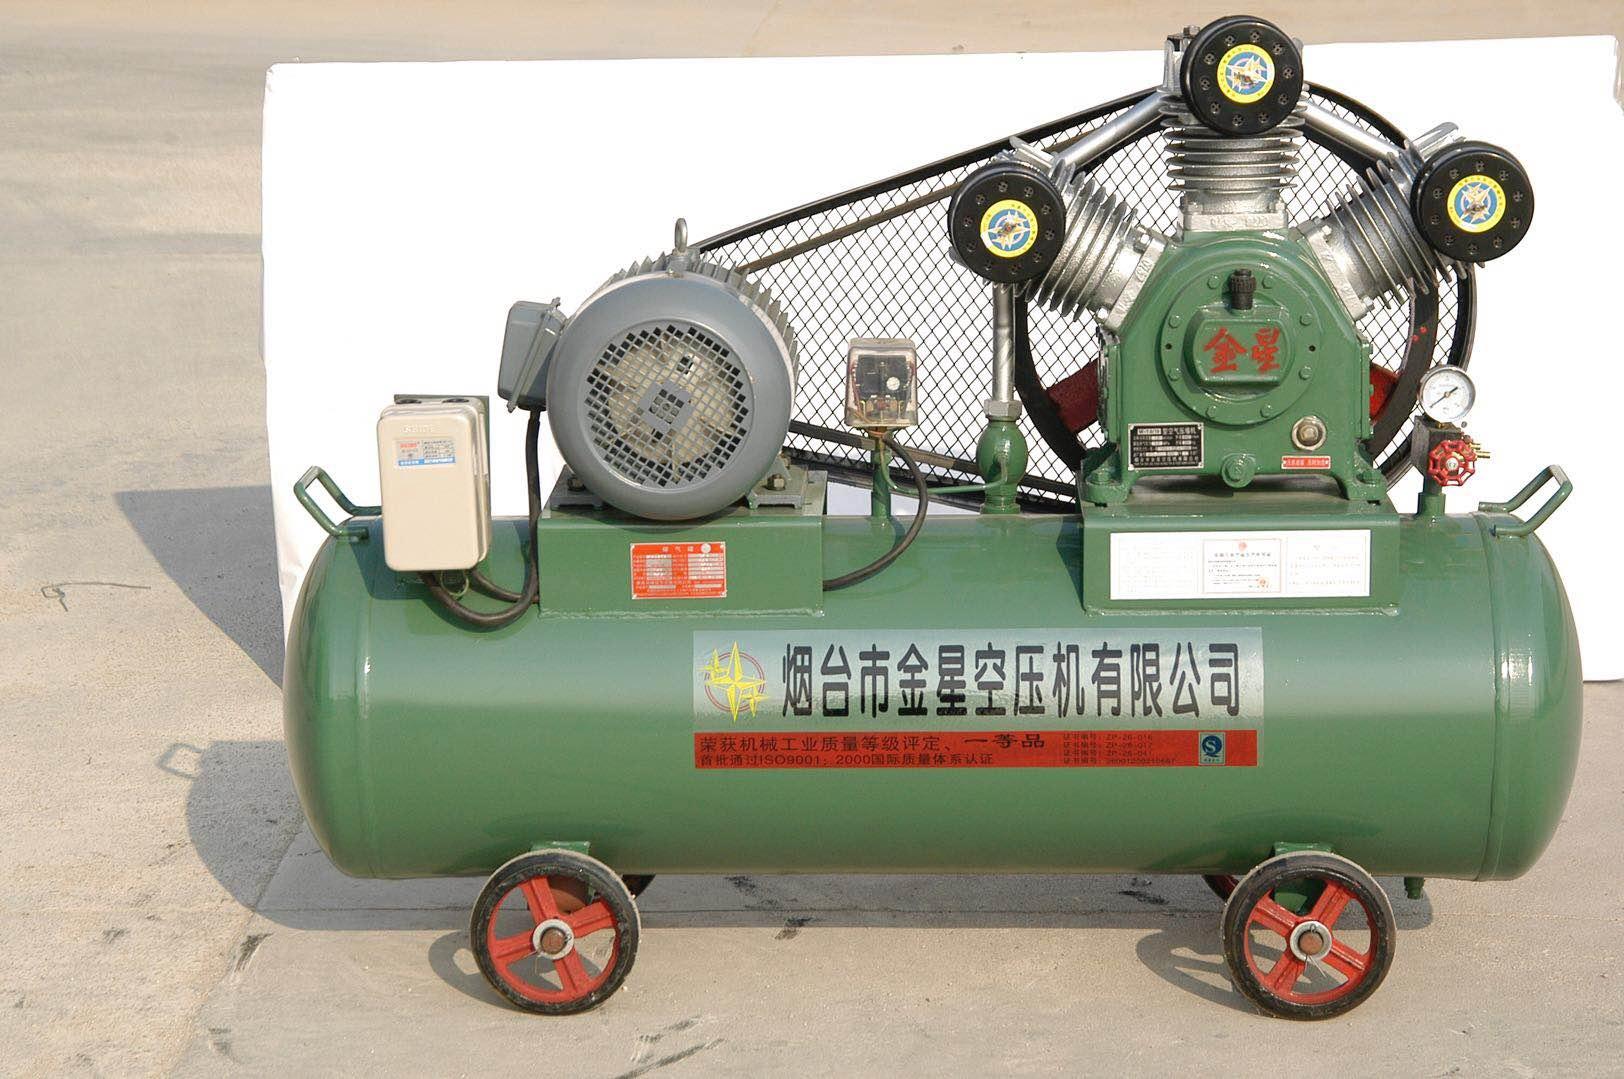 【金星空压机】烟台压缩机 烟台空压机 烟台螺杆式空压机